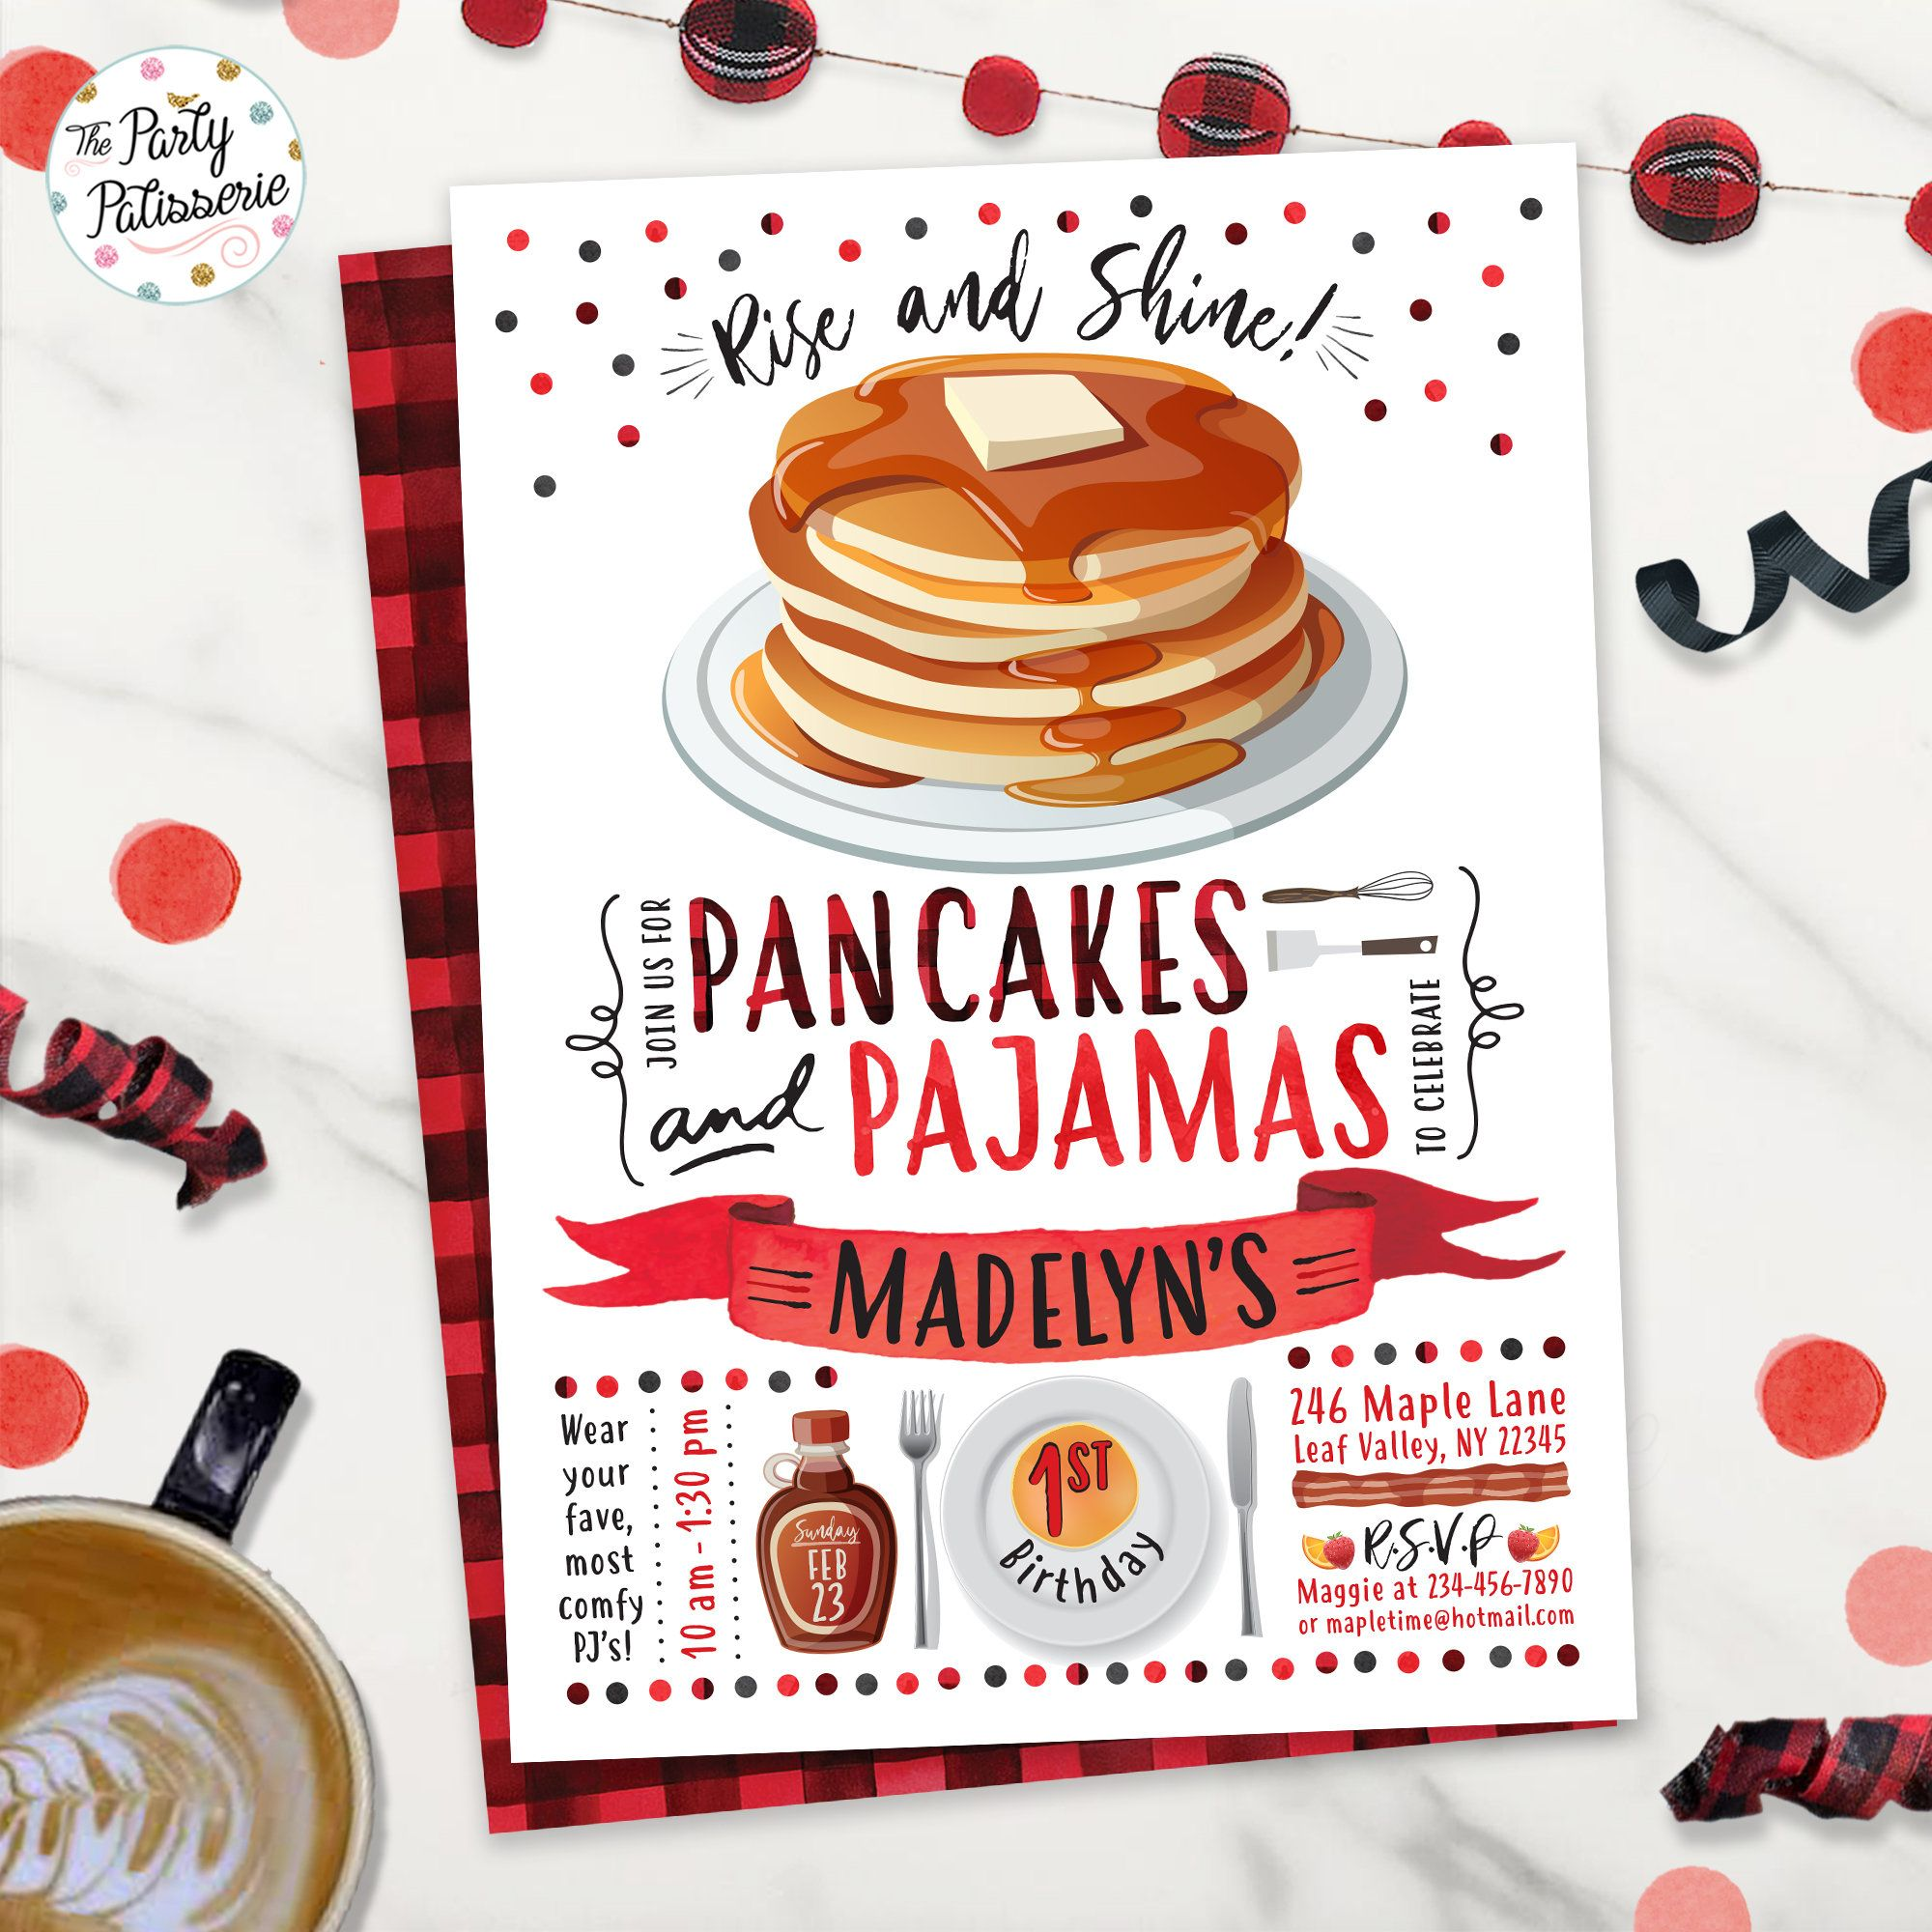 Printable Pancake Party Invite Digital File Pajama Party Sleepover Party Sleepover Pancakes and Pajamas Party Birthday Invitation